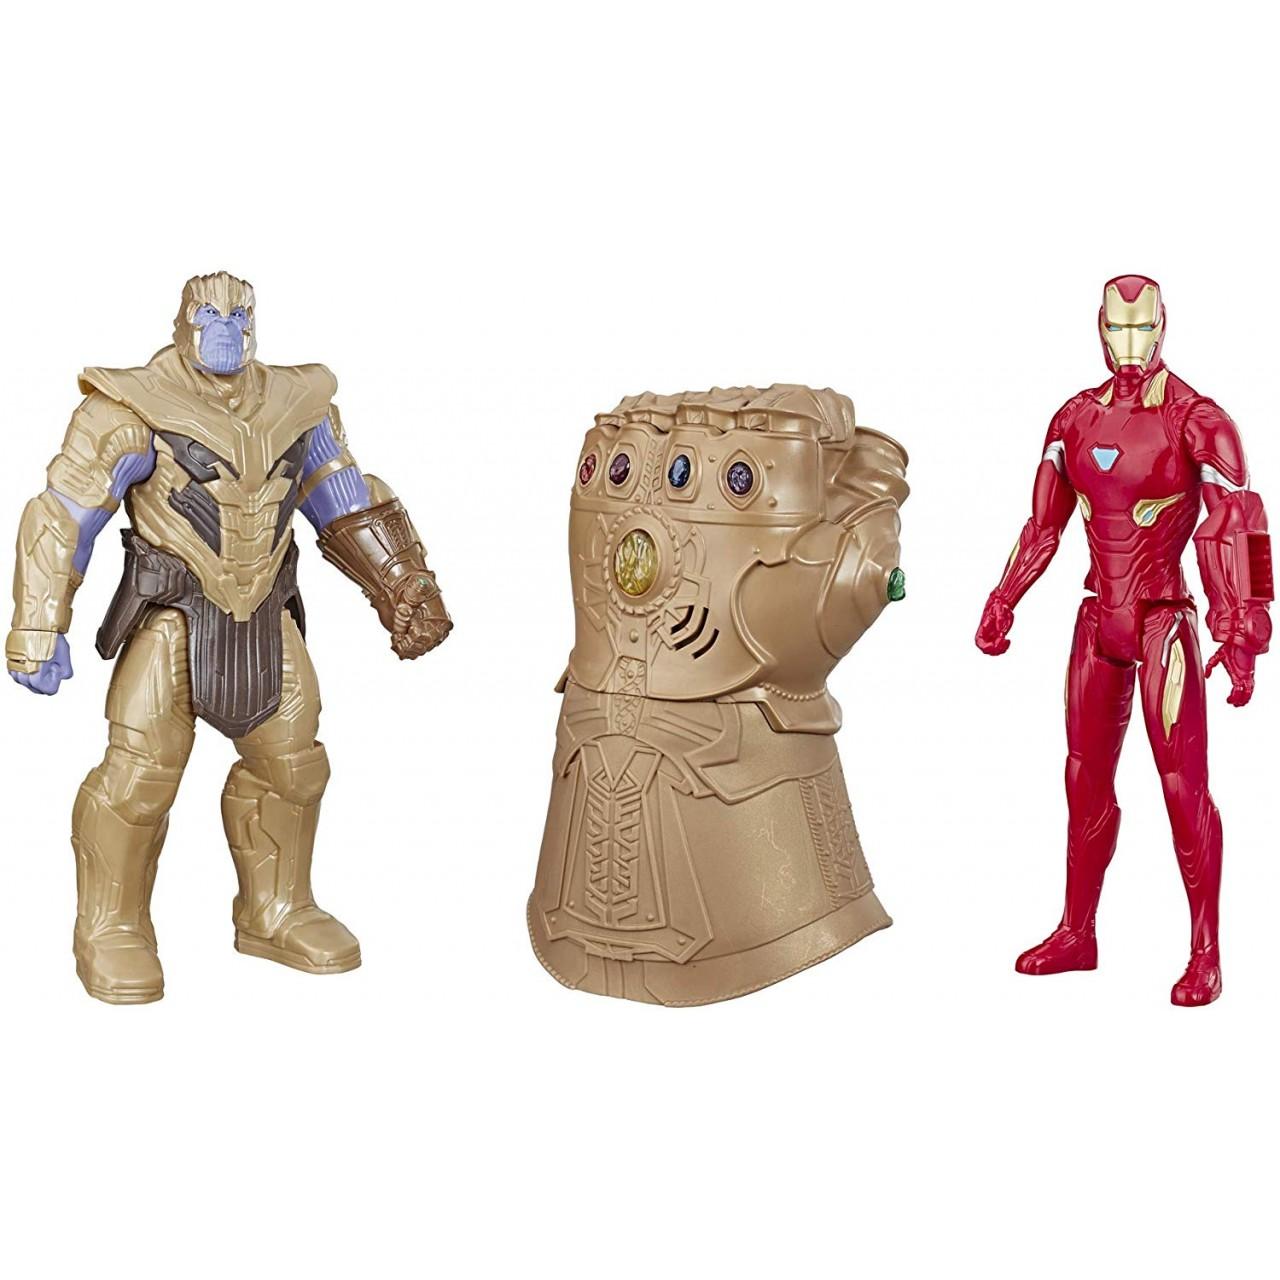 """Интерактивный набор: Танос, Железный Человек и Рука-Перчатка Бесконечности """"Мстители: Завершение"""" от Hasbro"""